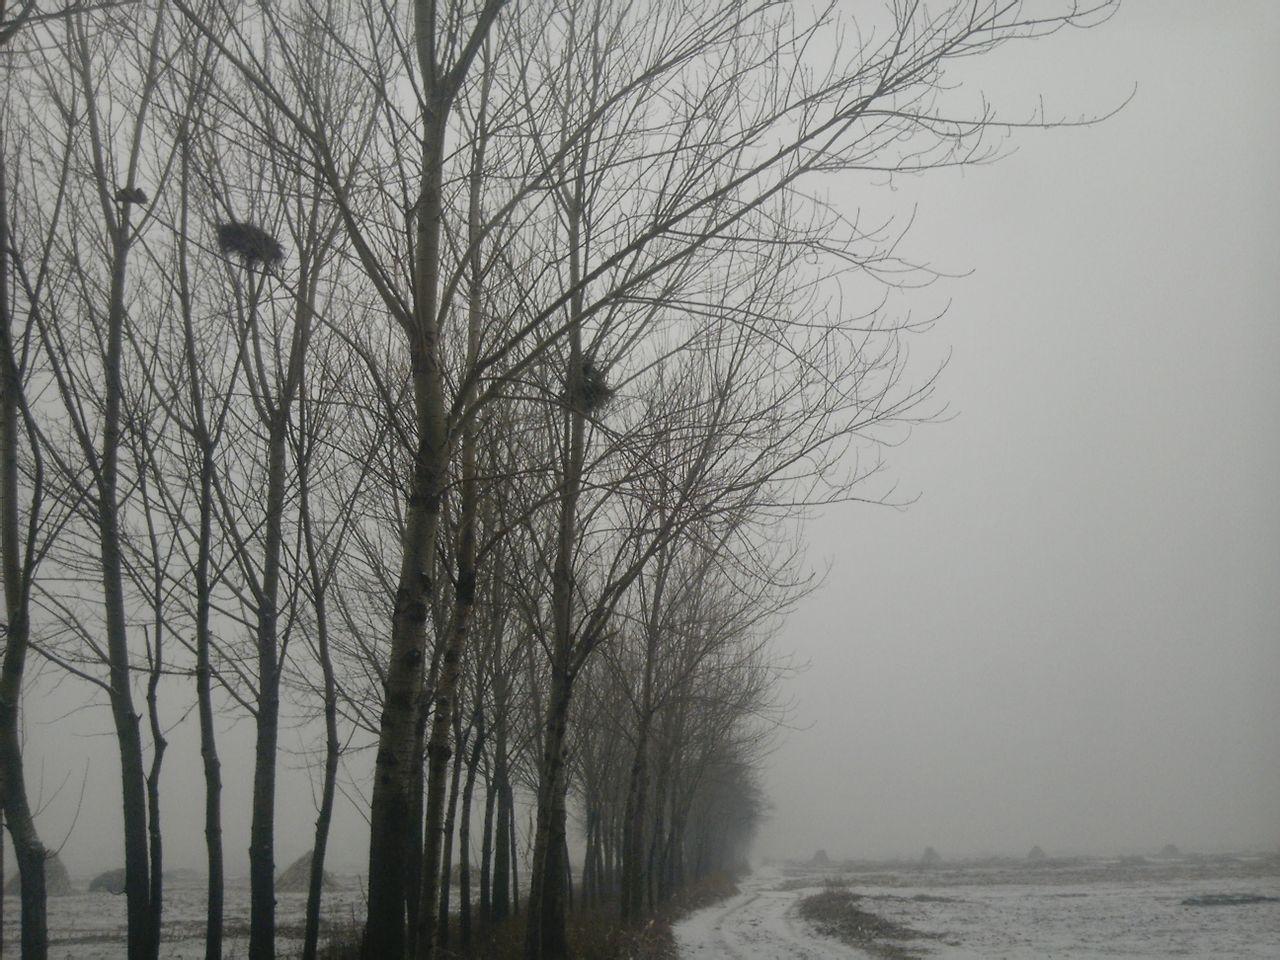 发两张今天在乡下照得雪景图片